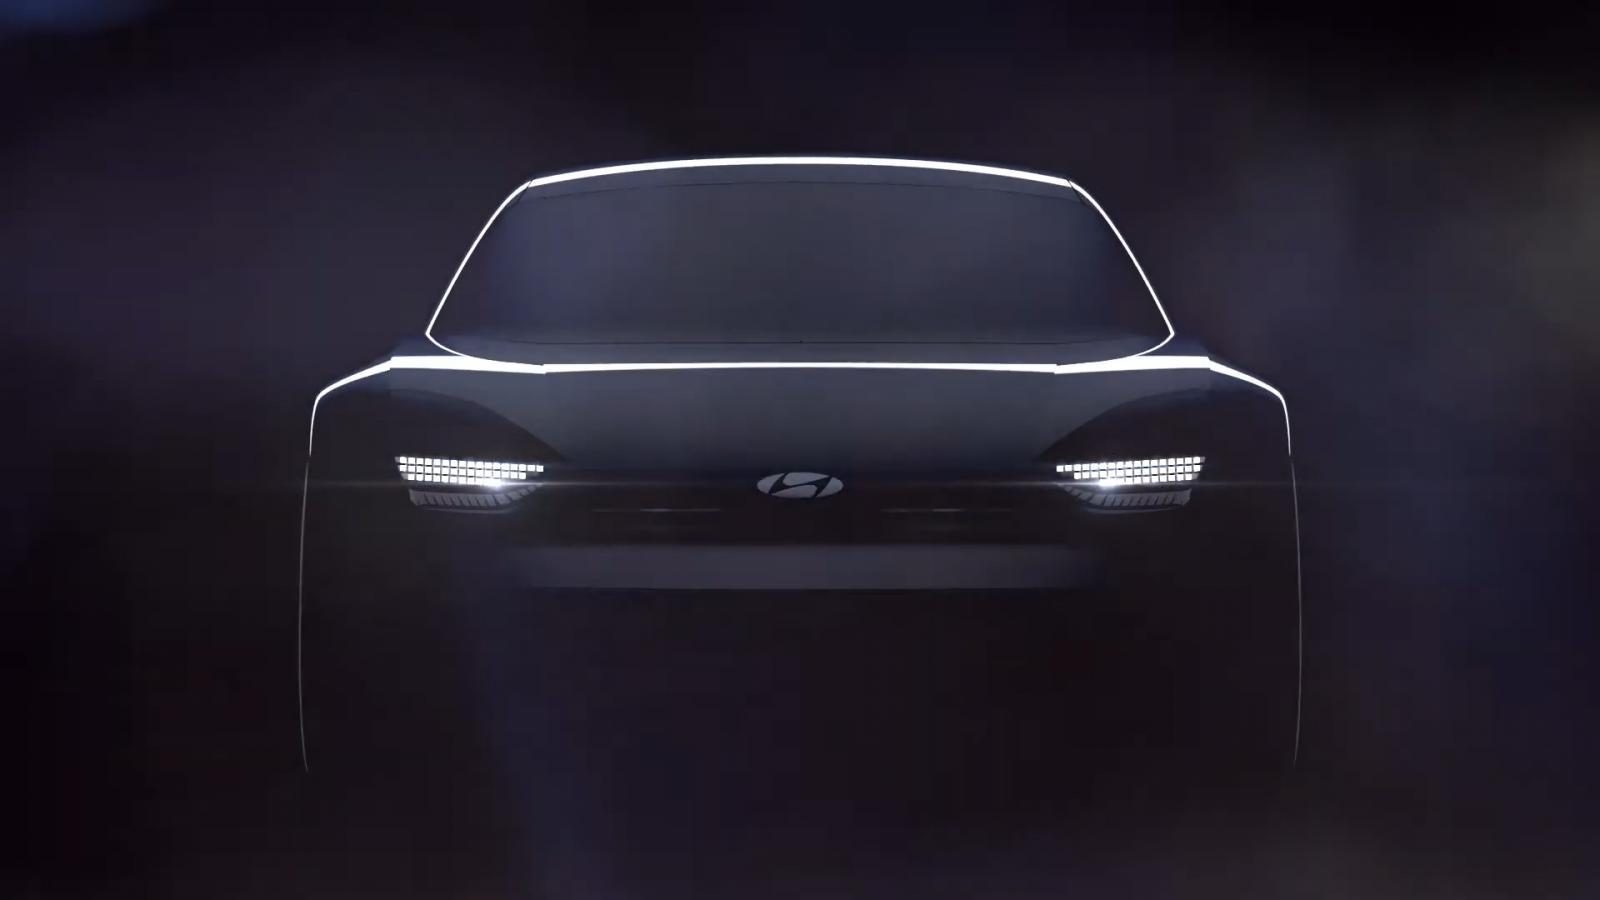 Hyundai advirtió que este concepto refleja las bases de su nuevo lenguaje estético